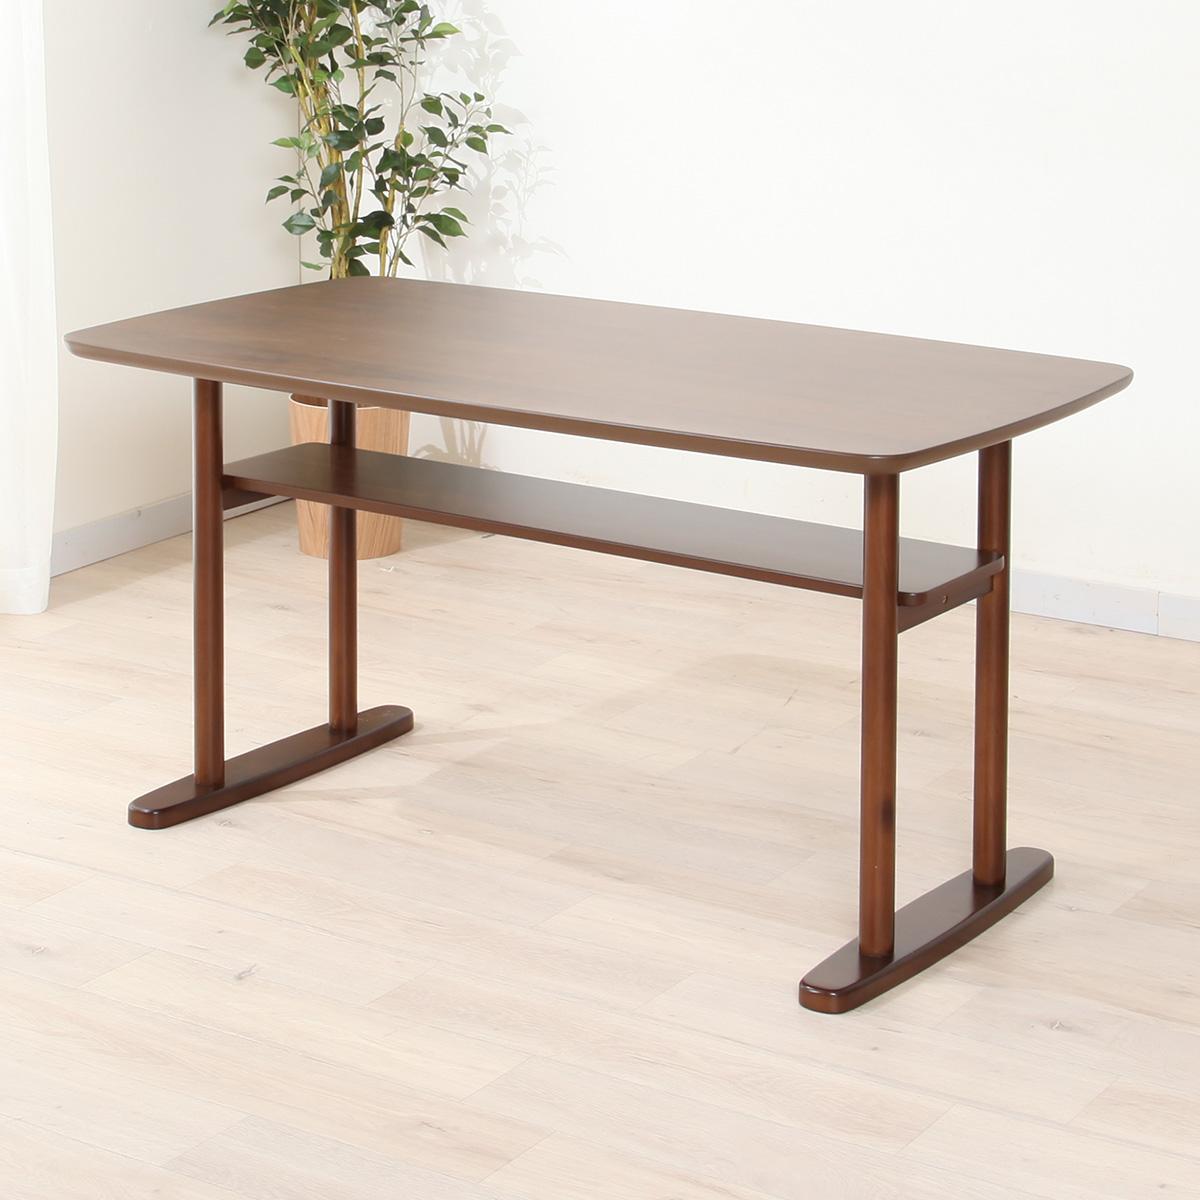 ダイニングテーブル(キャスト135 MBR) ニトリ 【玄関先迄納品】 【5年保証】